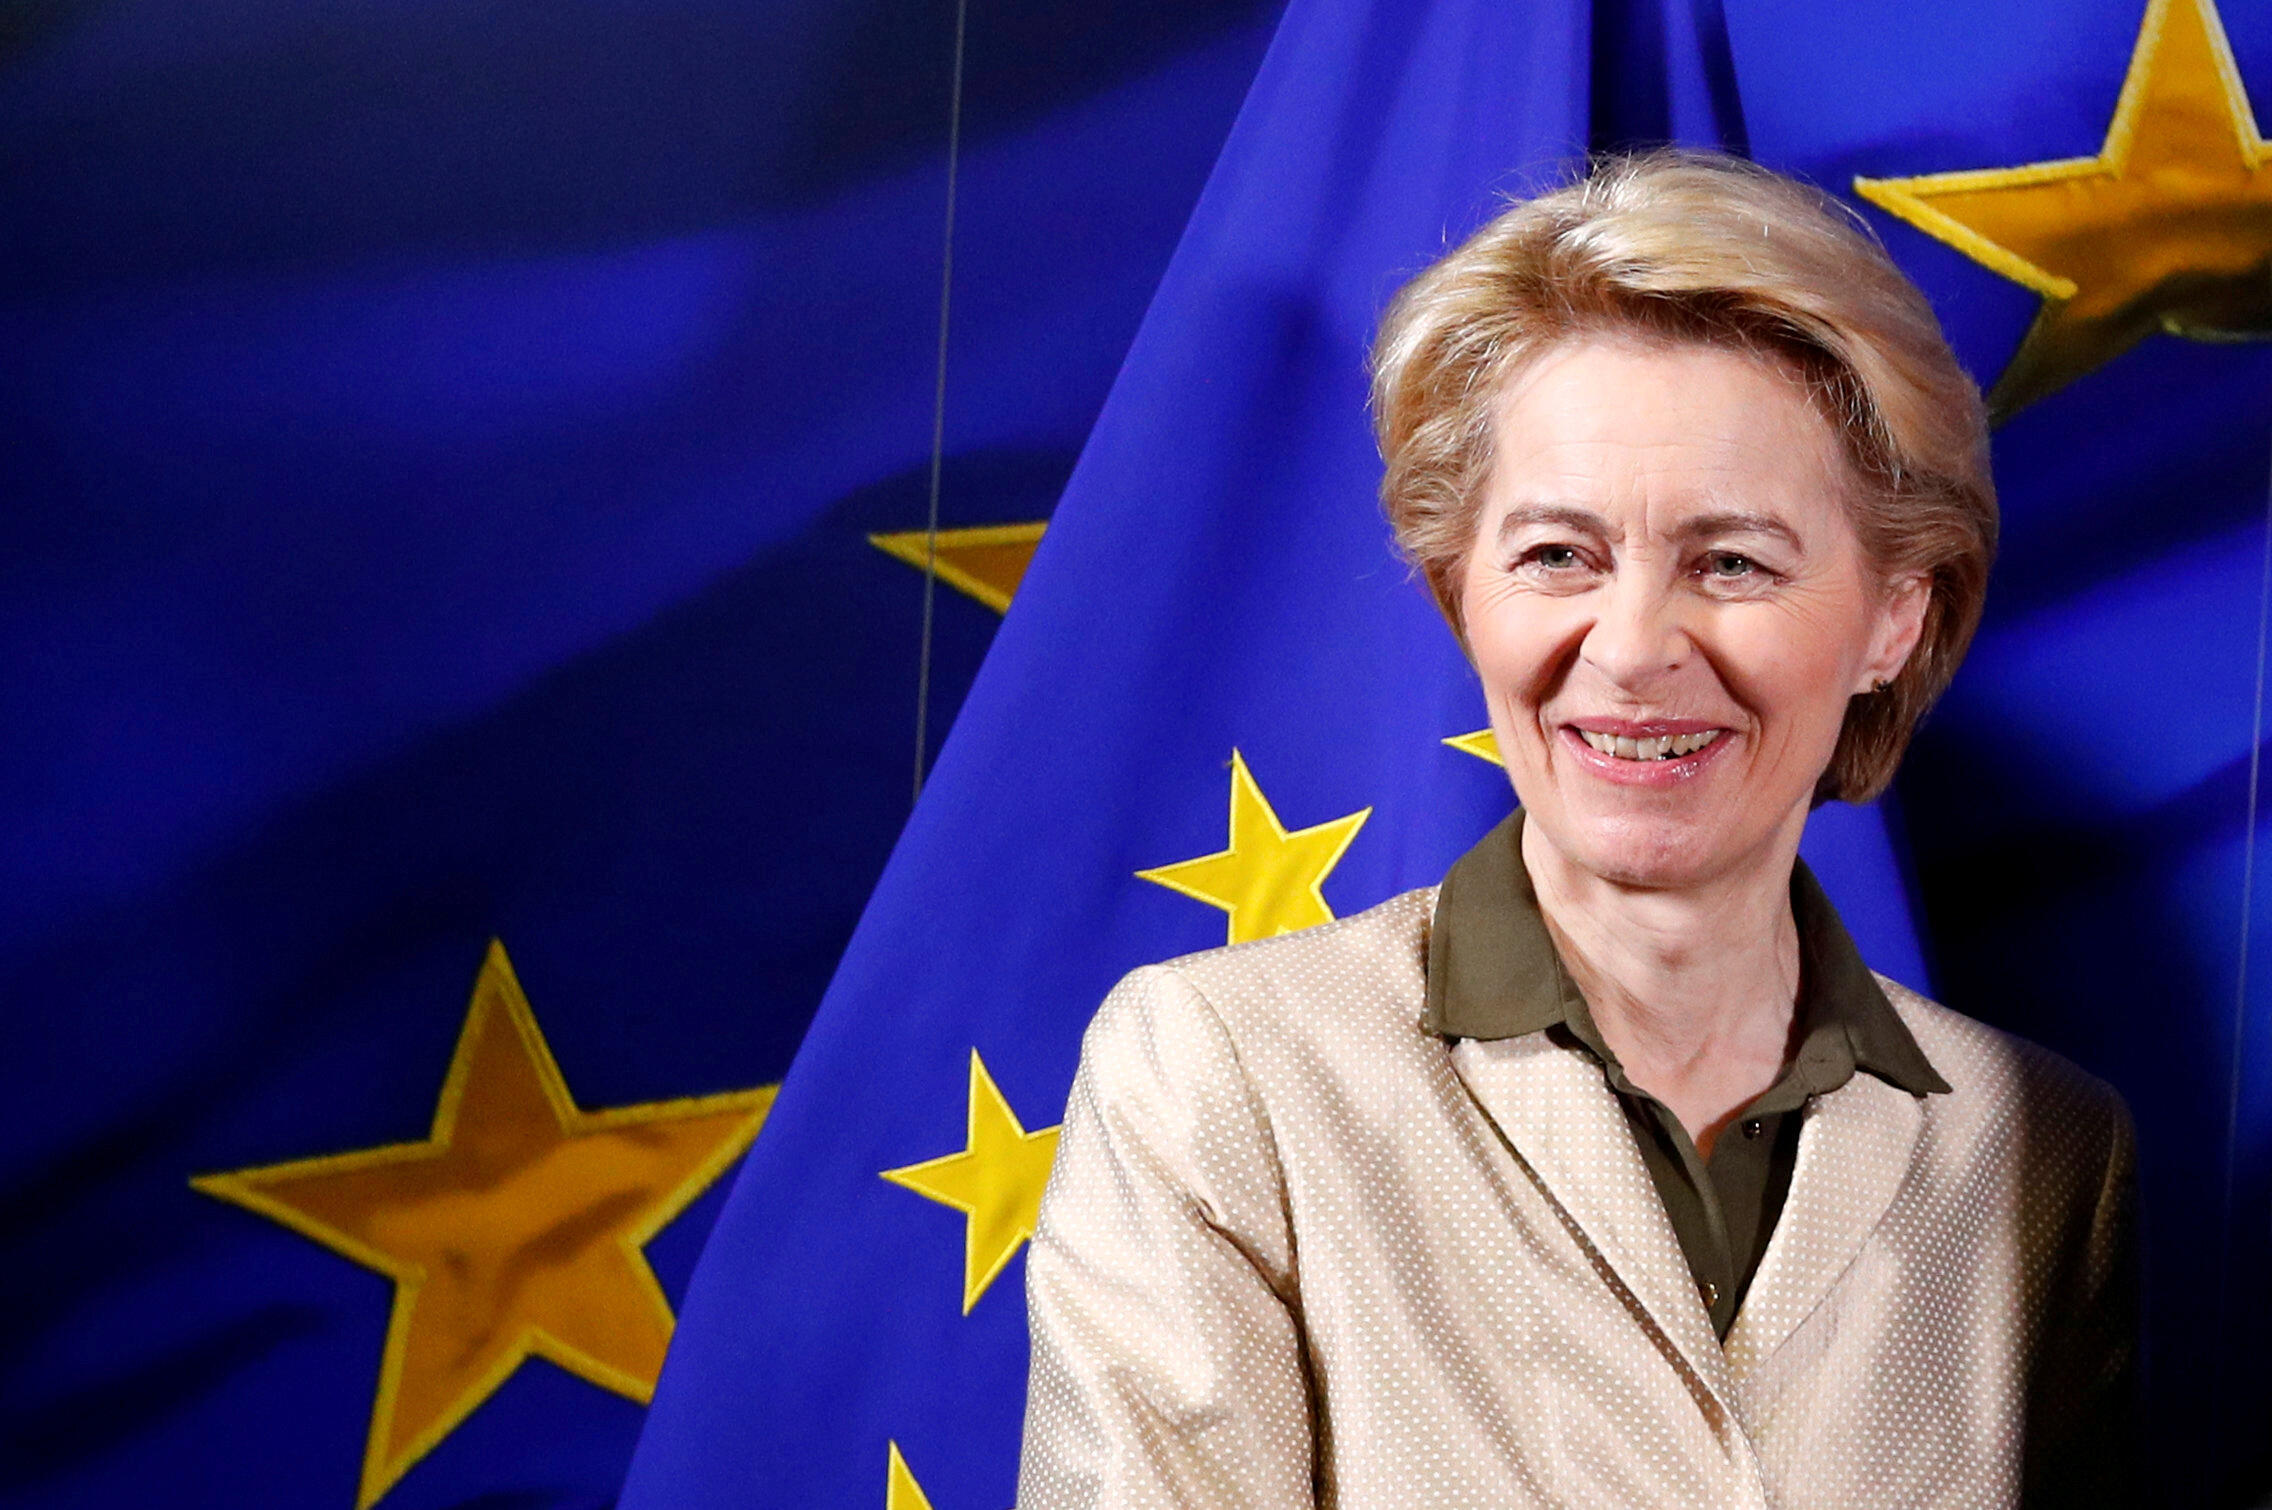 La nouvelle présidente de la Commission européenne Ursula von der Leyen a donné mercredi 4 décembre sa première conférence de presse.